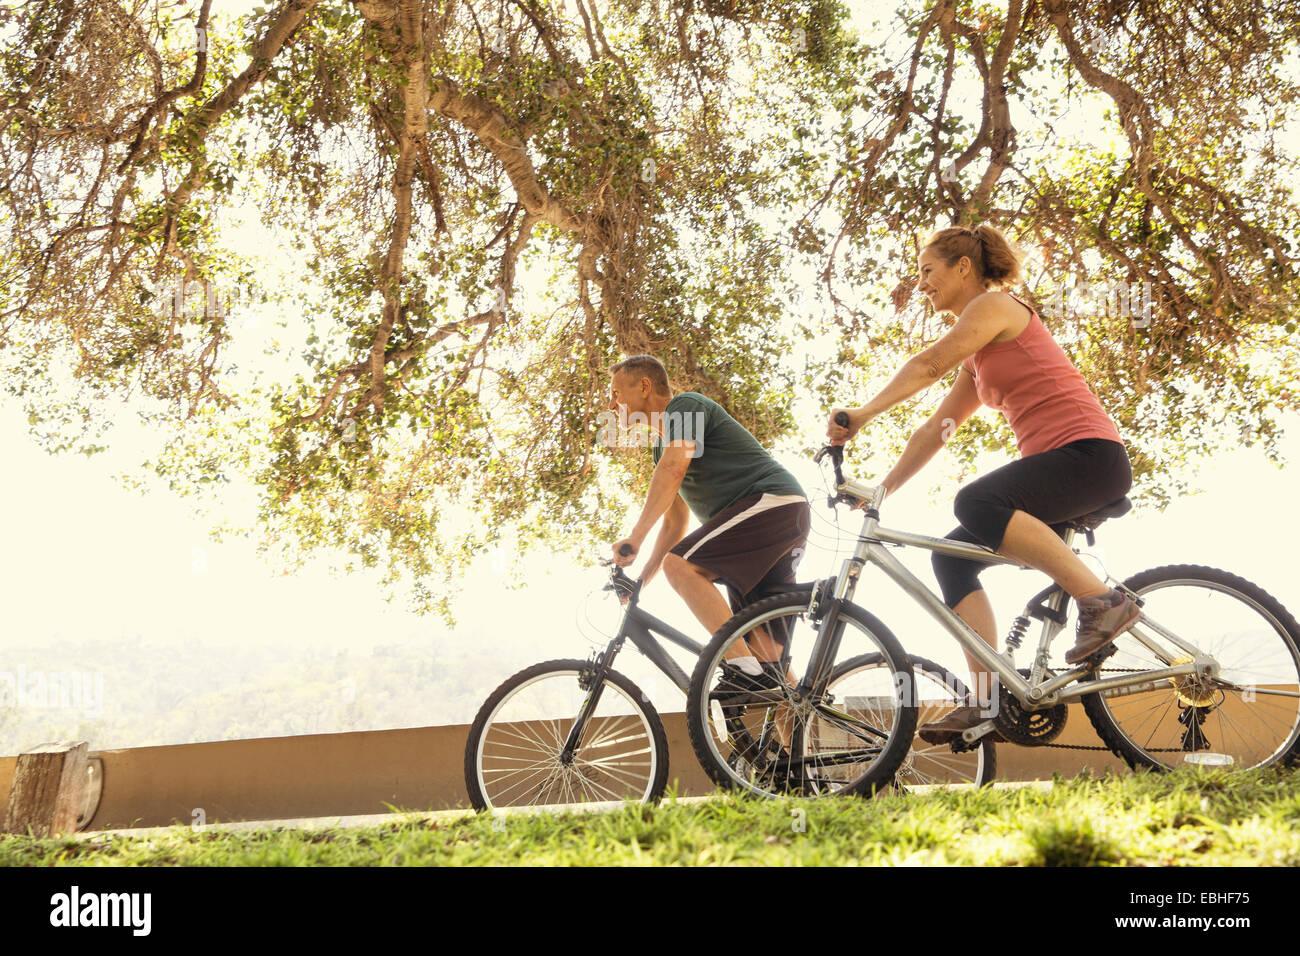 Coppia matura in bicicletta nel parco Immagini Stock